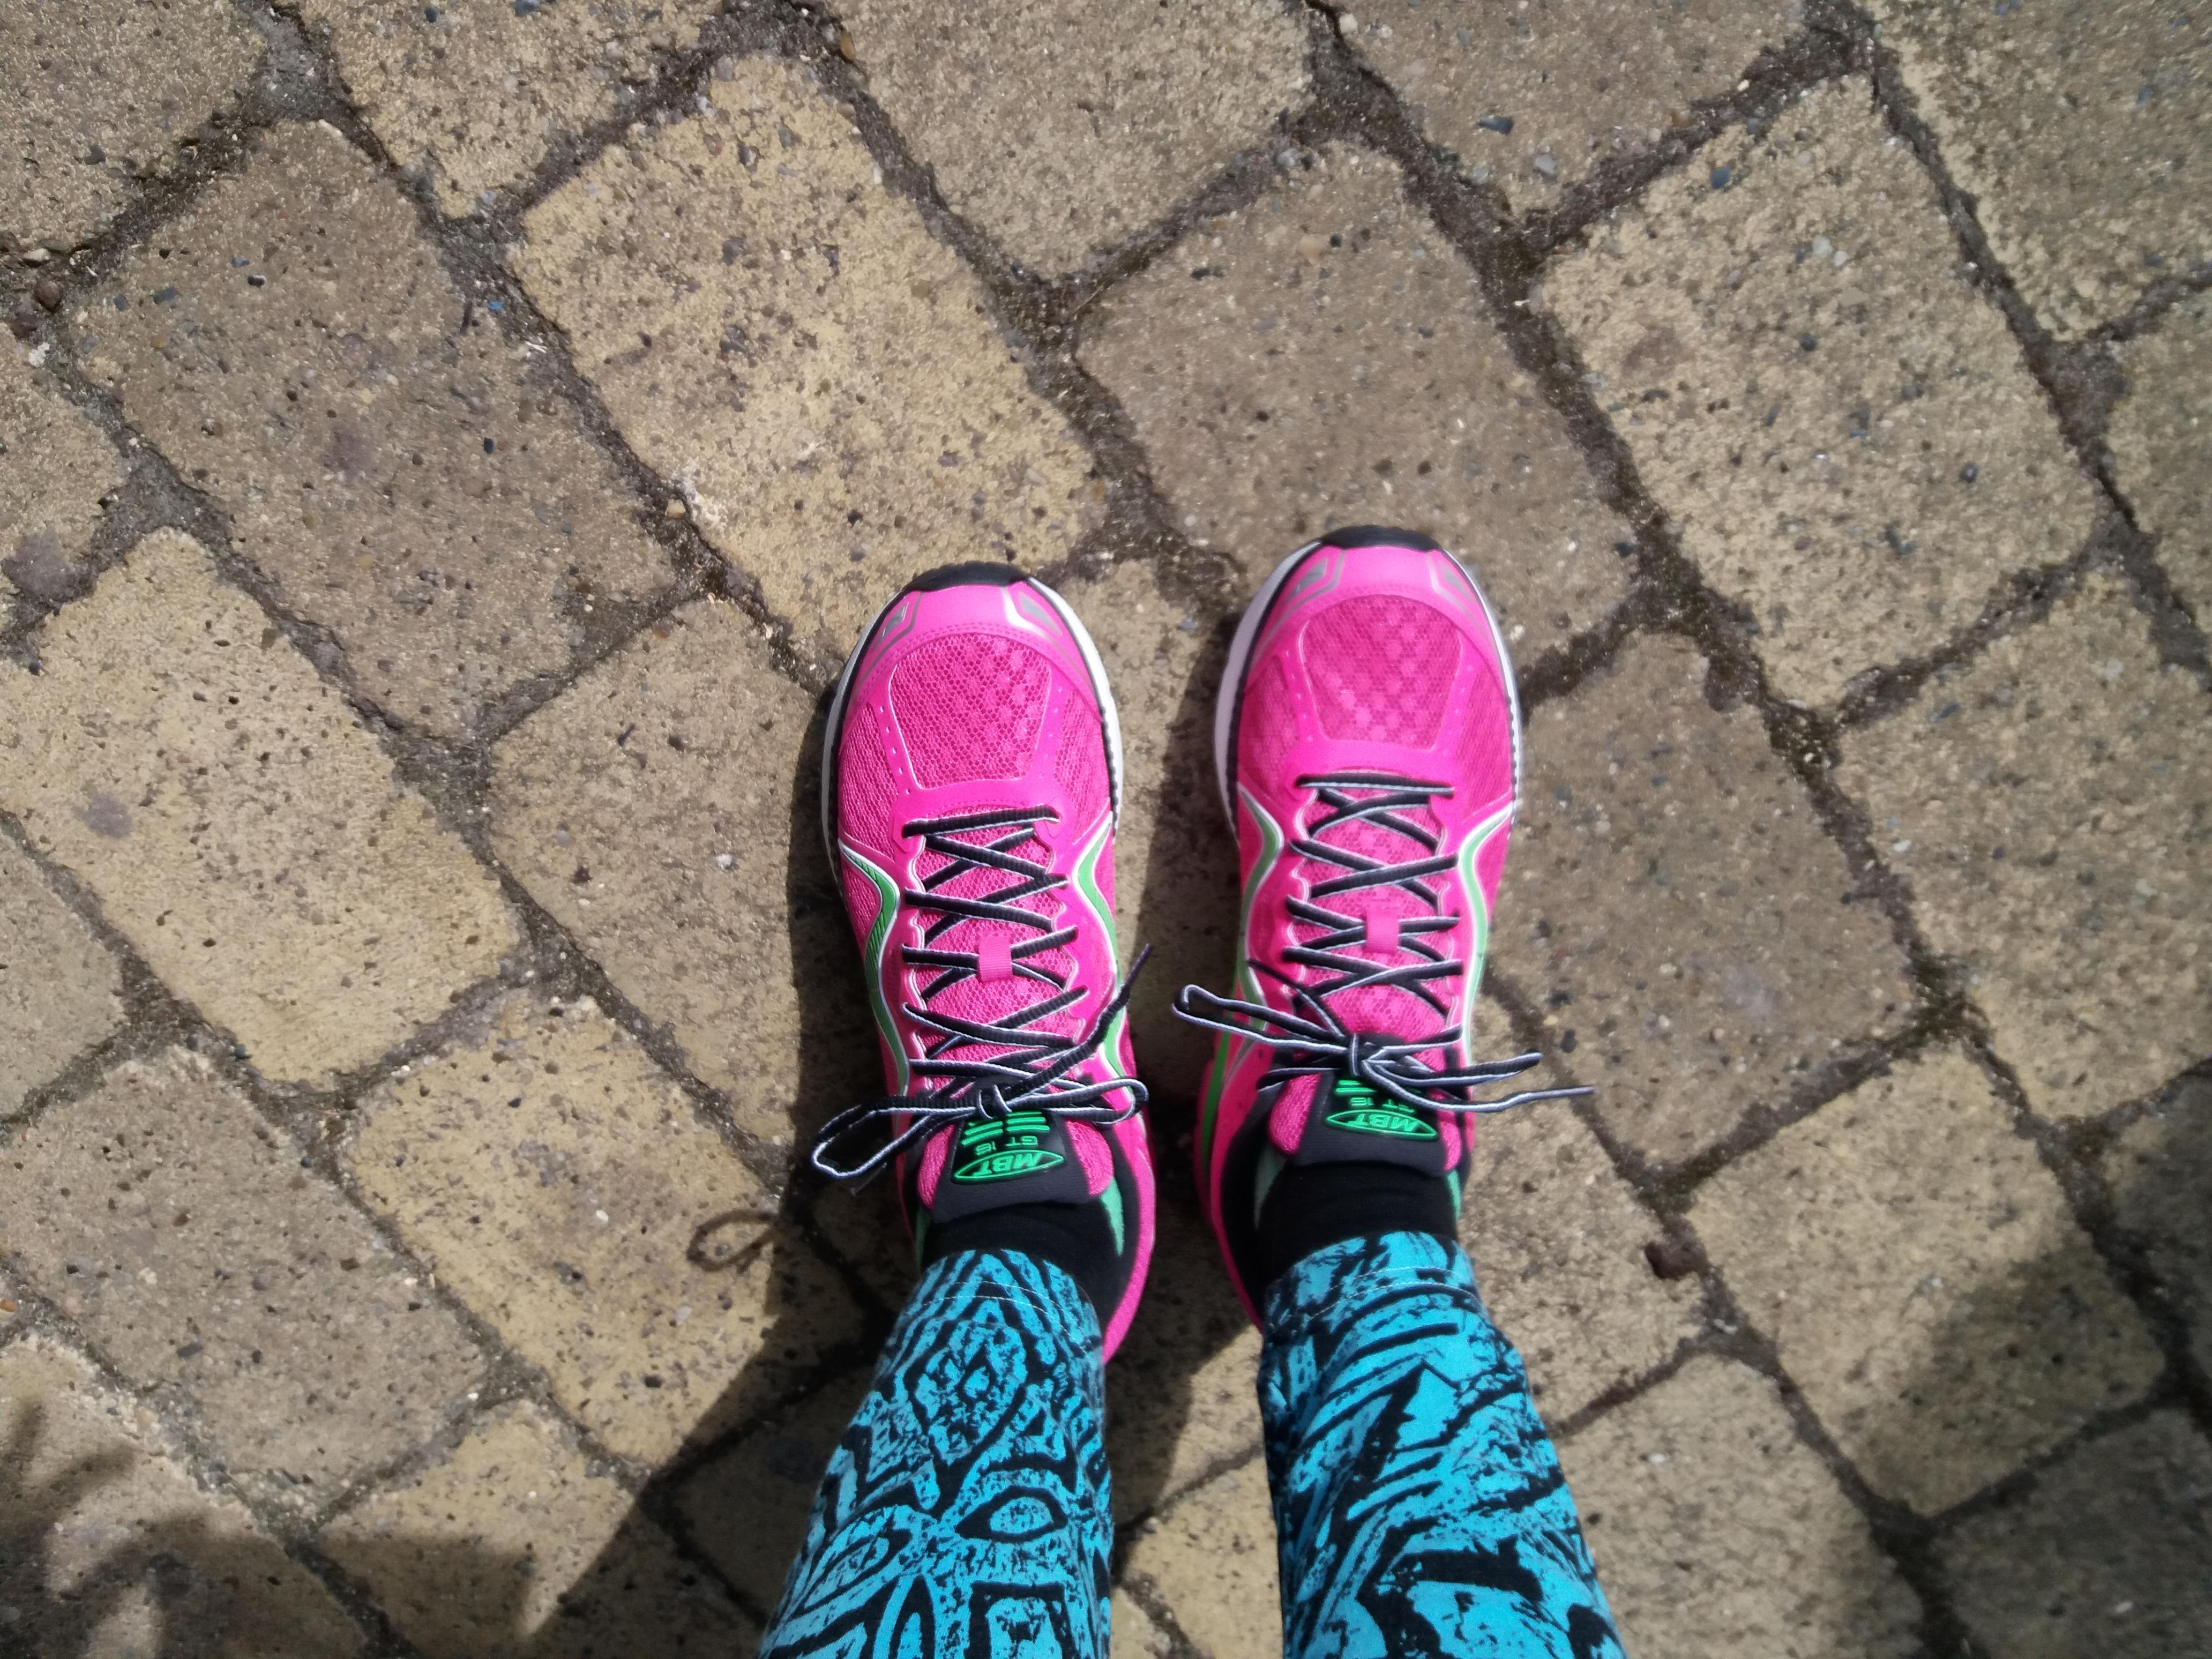 Pink sko lærer fattig kvinde at høre efter